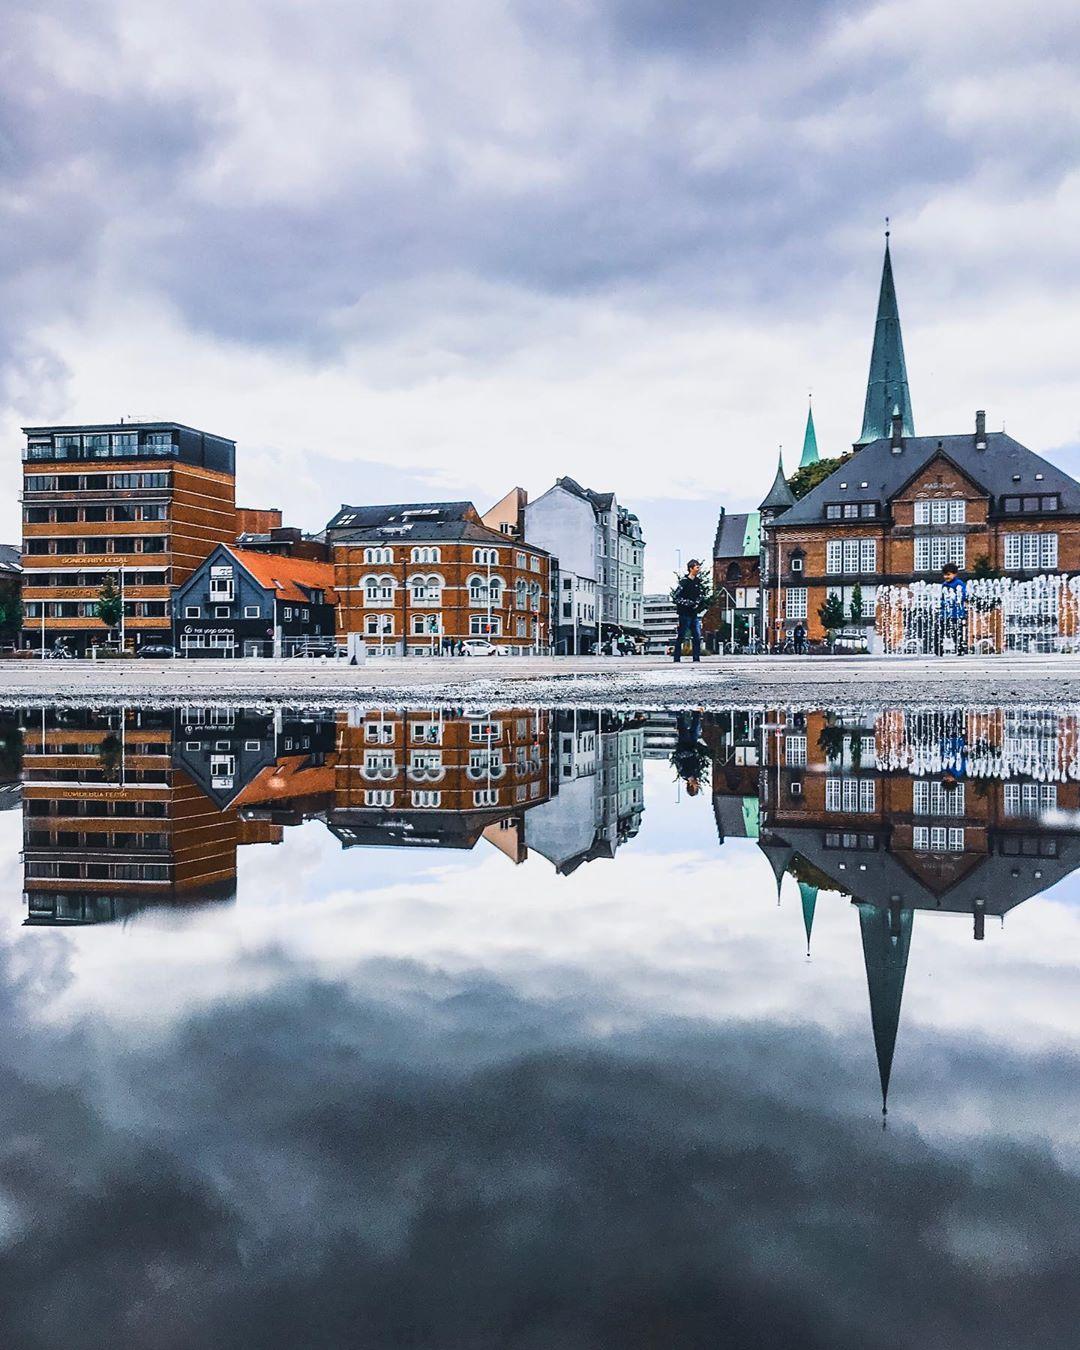 Архитектура и улицы Дании на снимках Адама Бросбеля